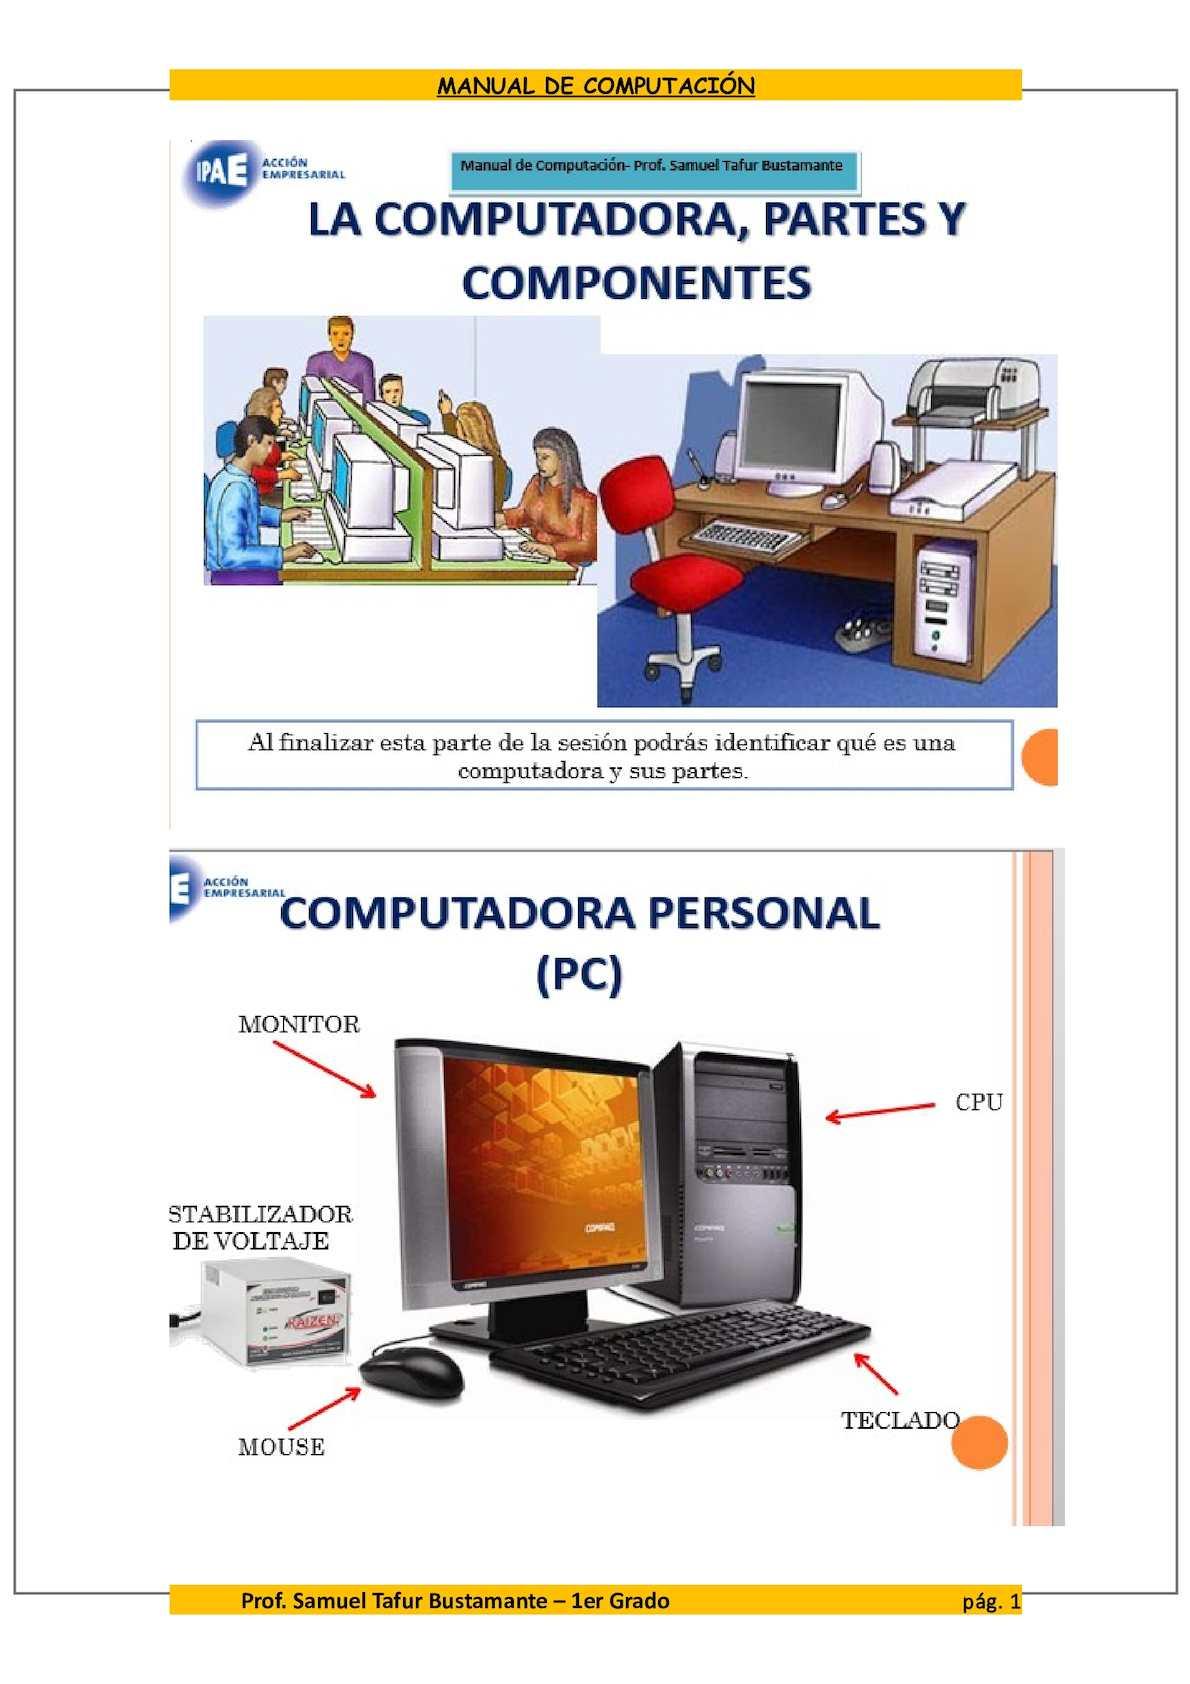 La Computadora, Partes Y Componentes